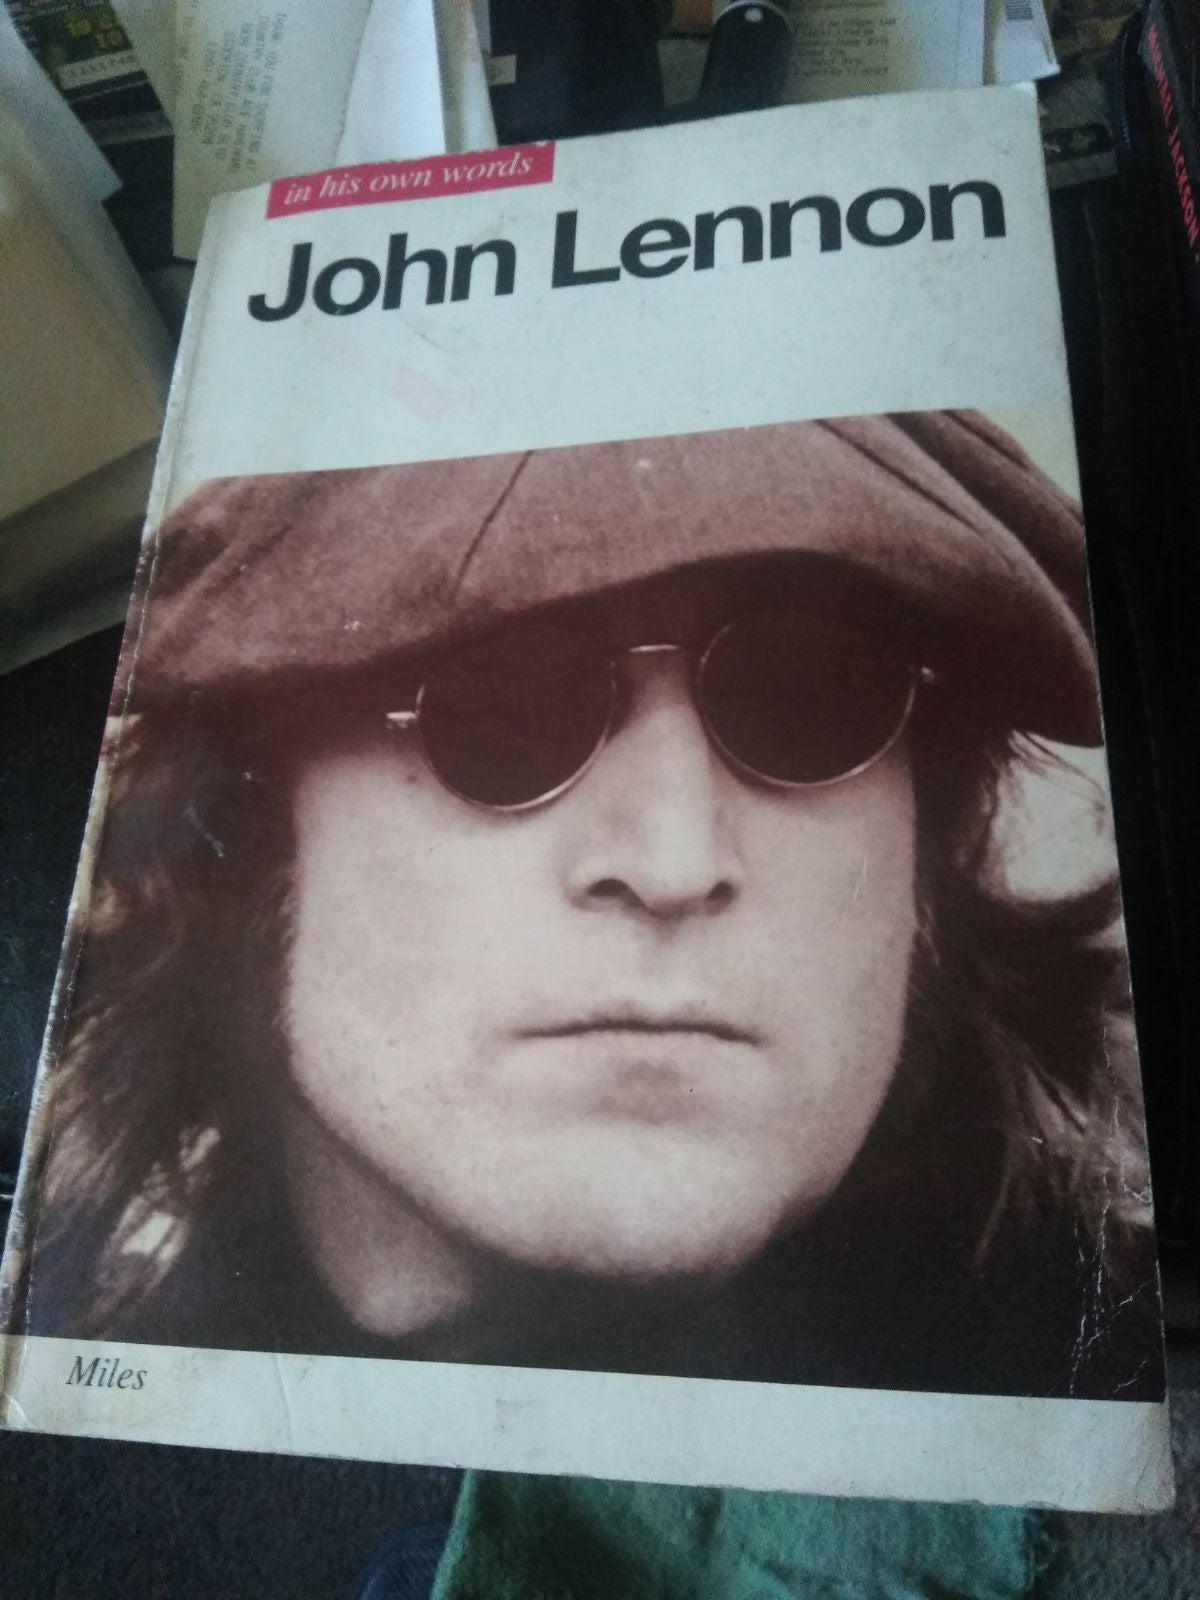 John lennon paperback book